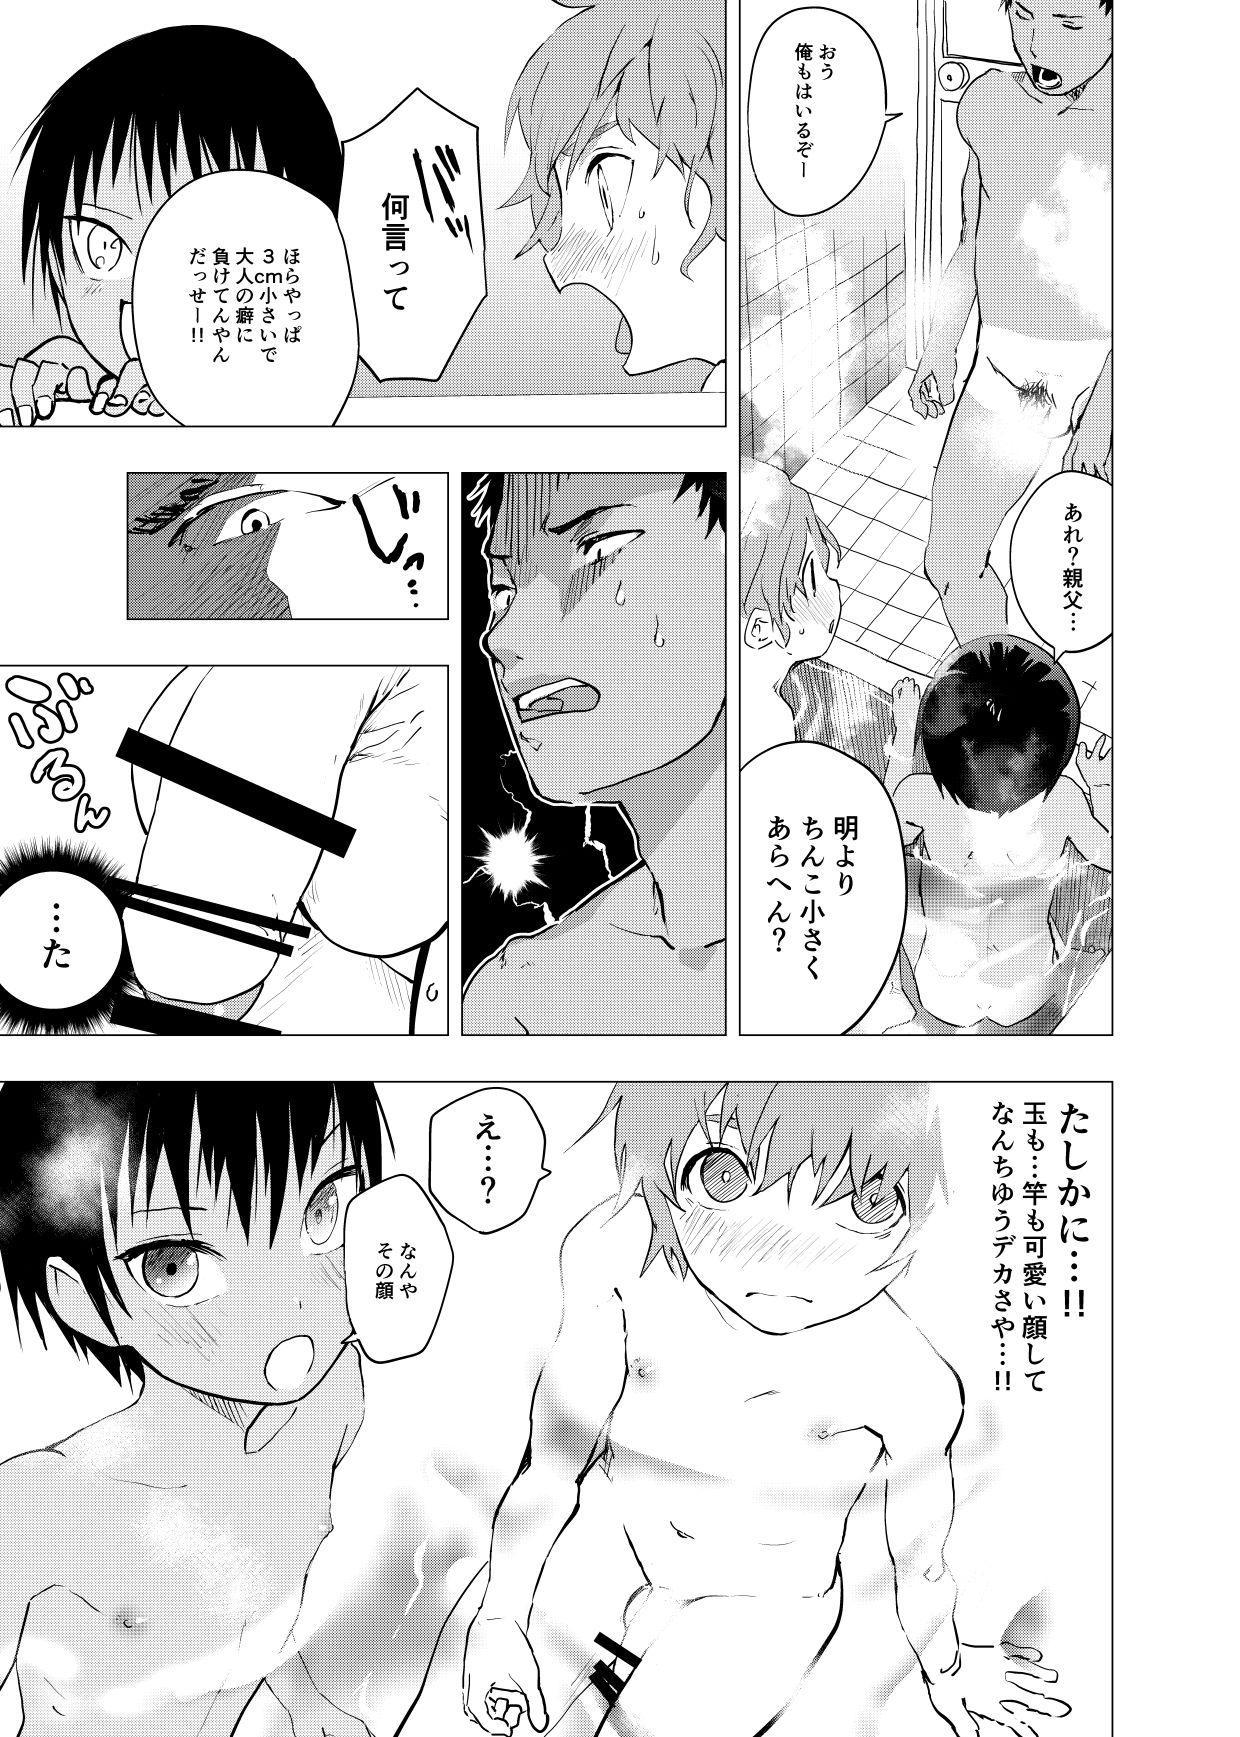 Inaka no Uke Shounen to Tokai no Seme Shounen no Ero Manga 1-6 63